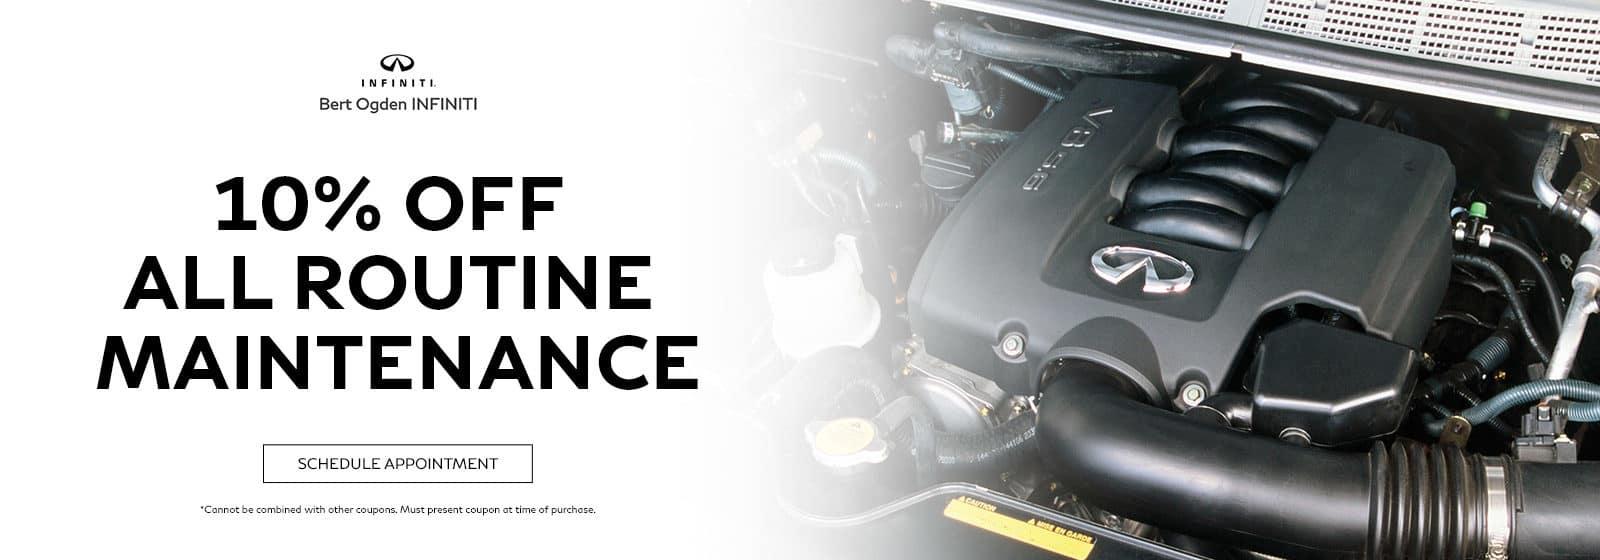 Get 10% Off All Routine Maintenance At Bert Ogden INFINITI   Edinburg, TX